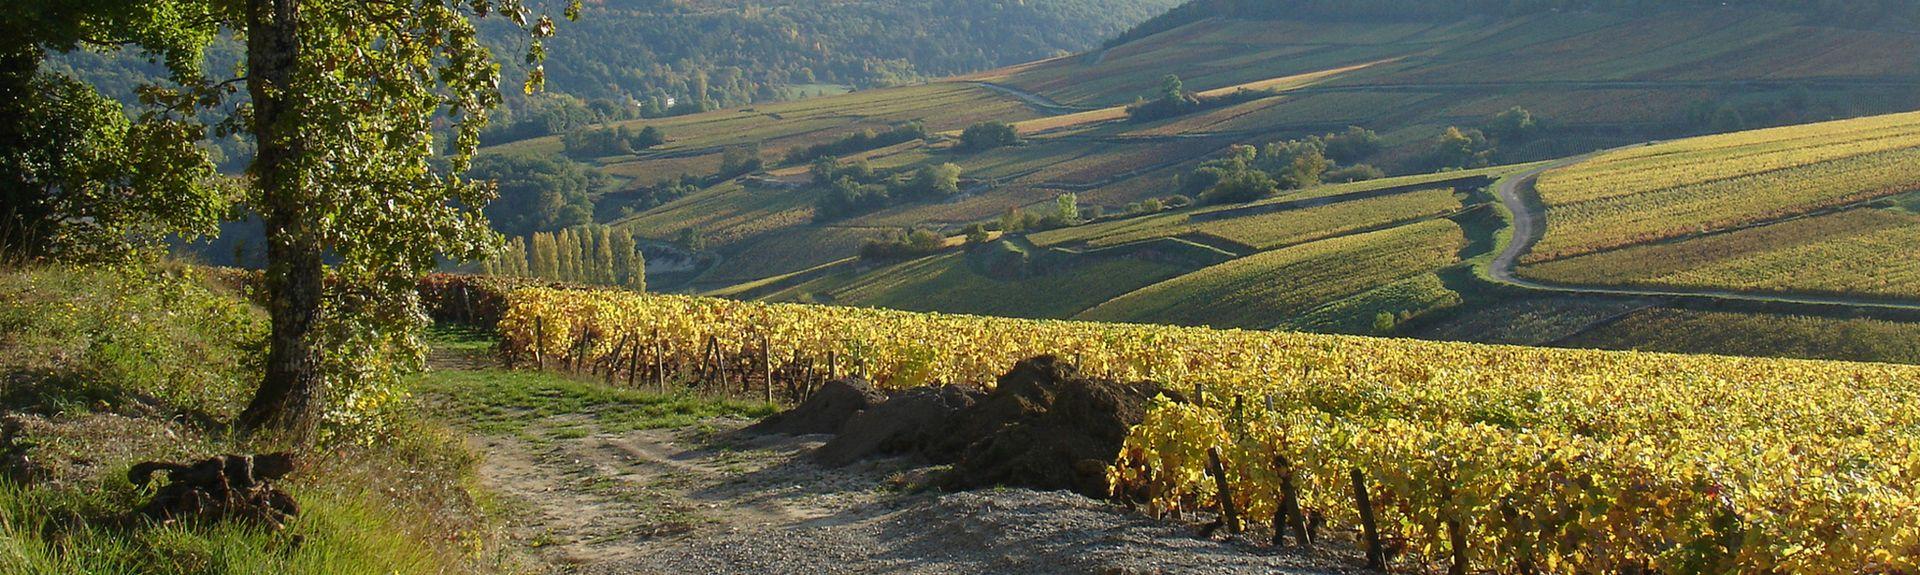 Chassey-le-Camp, Bourgogne-Franche-Comté, Frankrijk